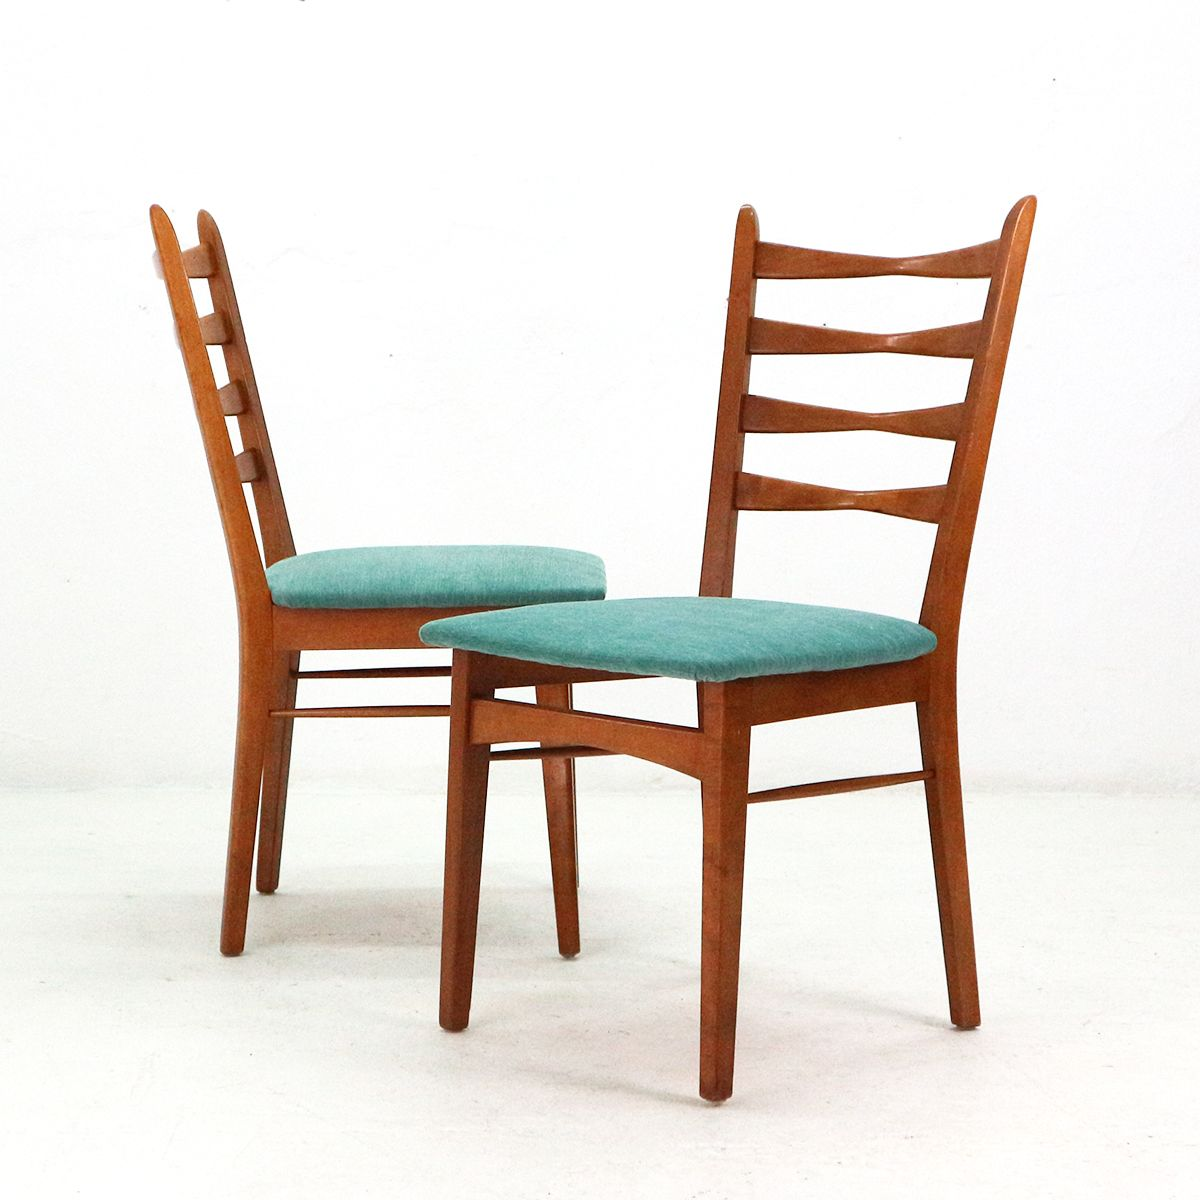 esszimmerst hle 1950er 2er set bei pamono kaufen. Black Bedroom Furniture Sets. Home Design Ideas